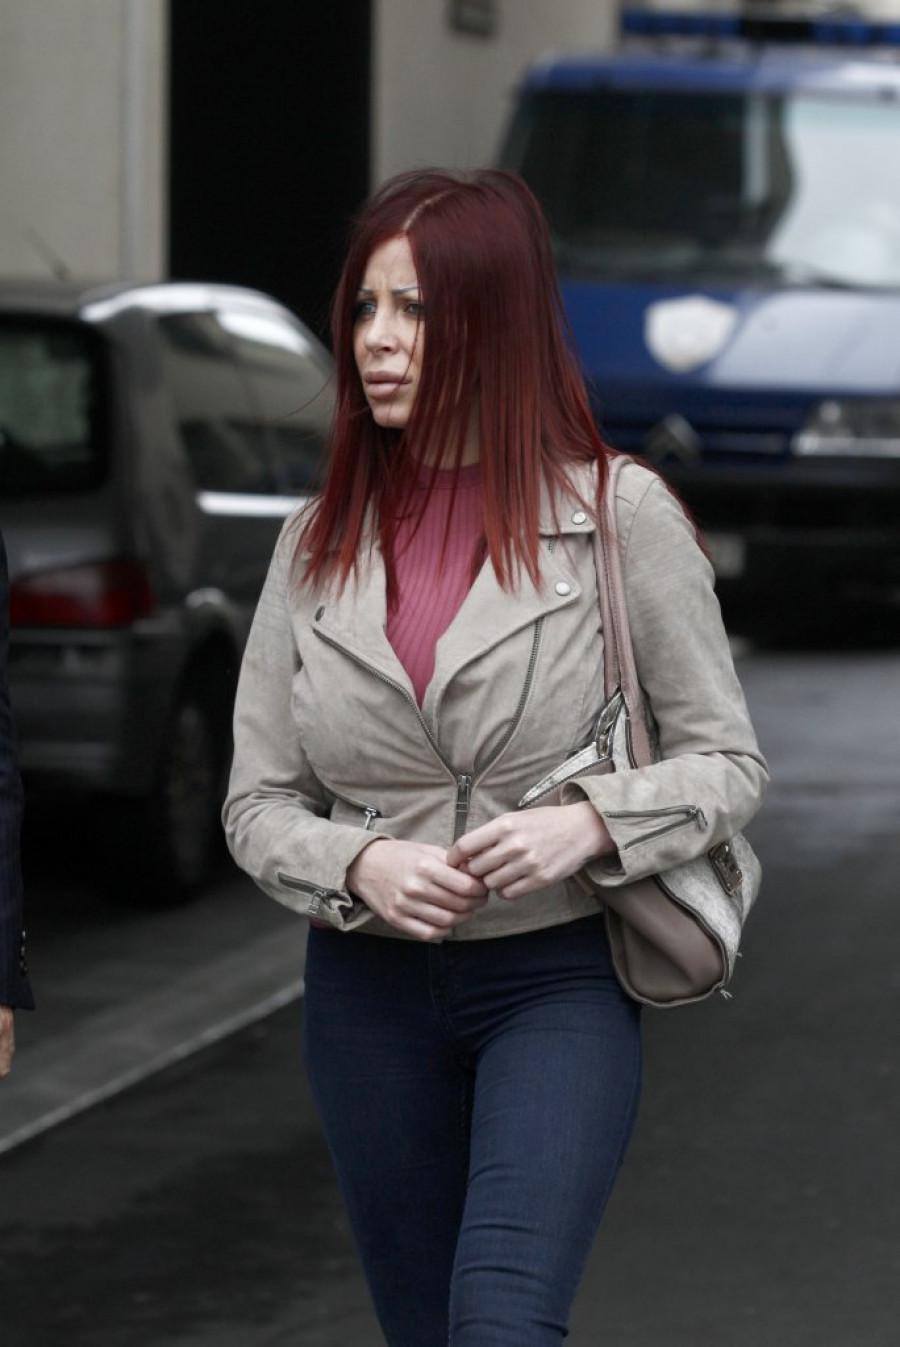 Republika / SUĐENJE KRALJICI SILIKONA - Svedok ispričao: Tijana Đuričić je  htela da me kolje, a tek šta mi je radila njena majka!